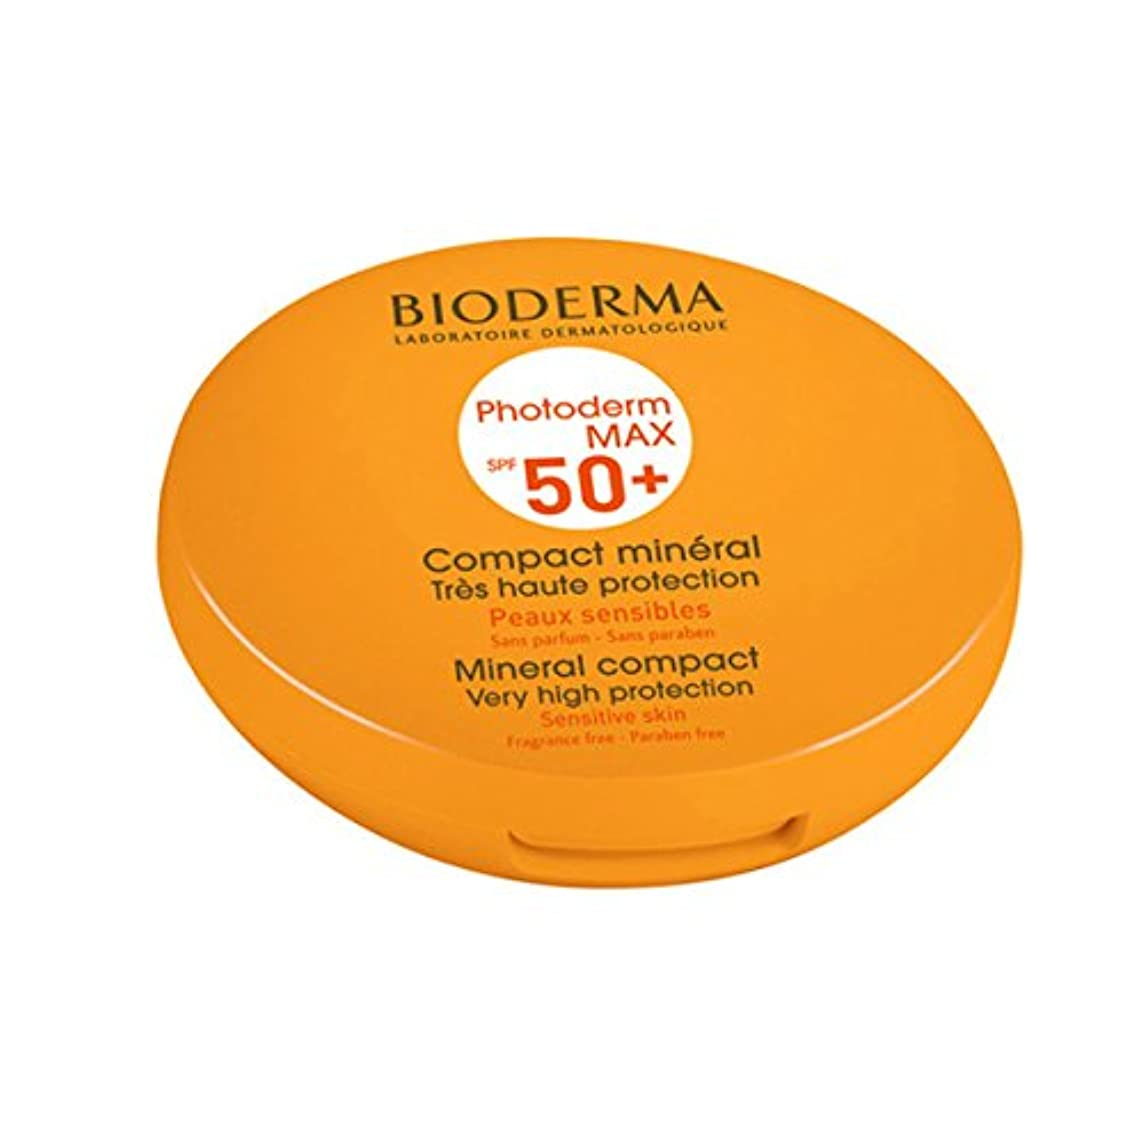 クリスチャン自治ベッドを作るBioderma Photoderm Max Compact Mineral 50+ Golden 10g [並行輸入品]